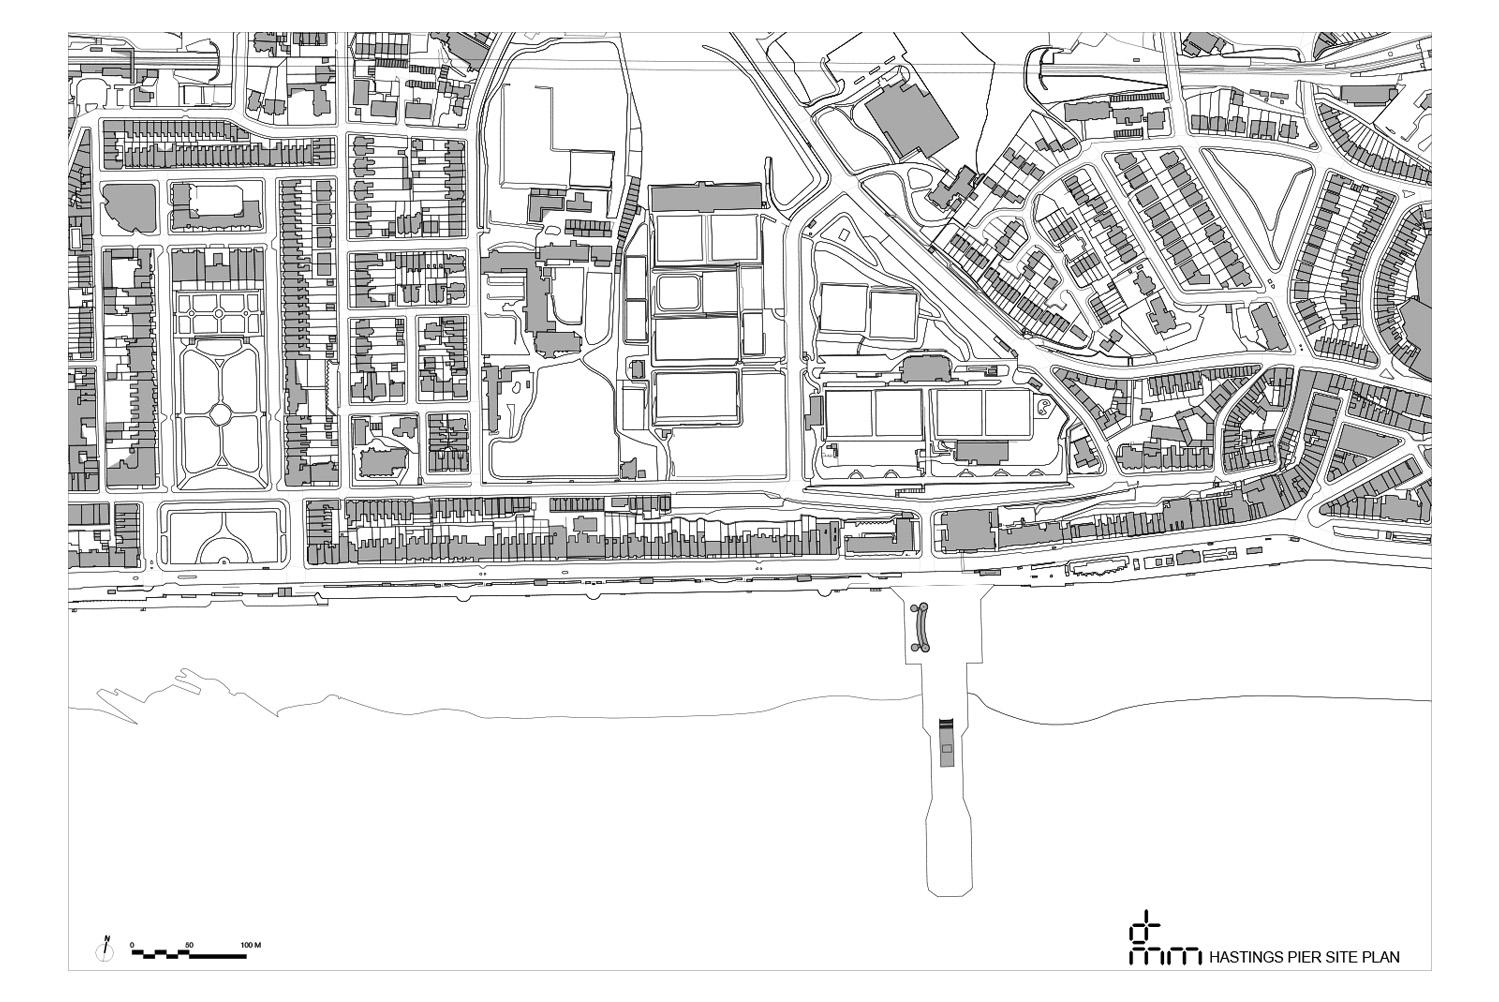 Hastings Pier Site Plan }